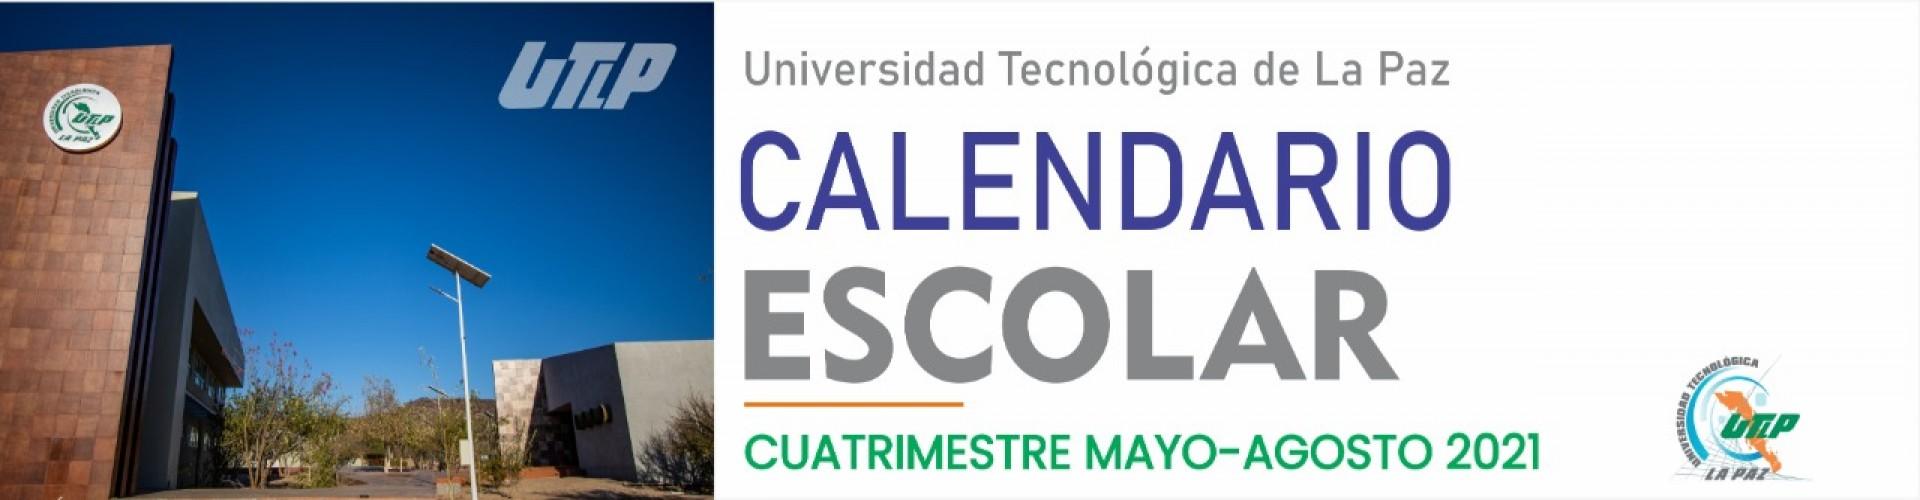 Calendario escolar Mayo - Agosto 2021